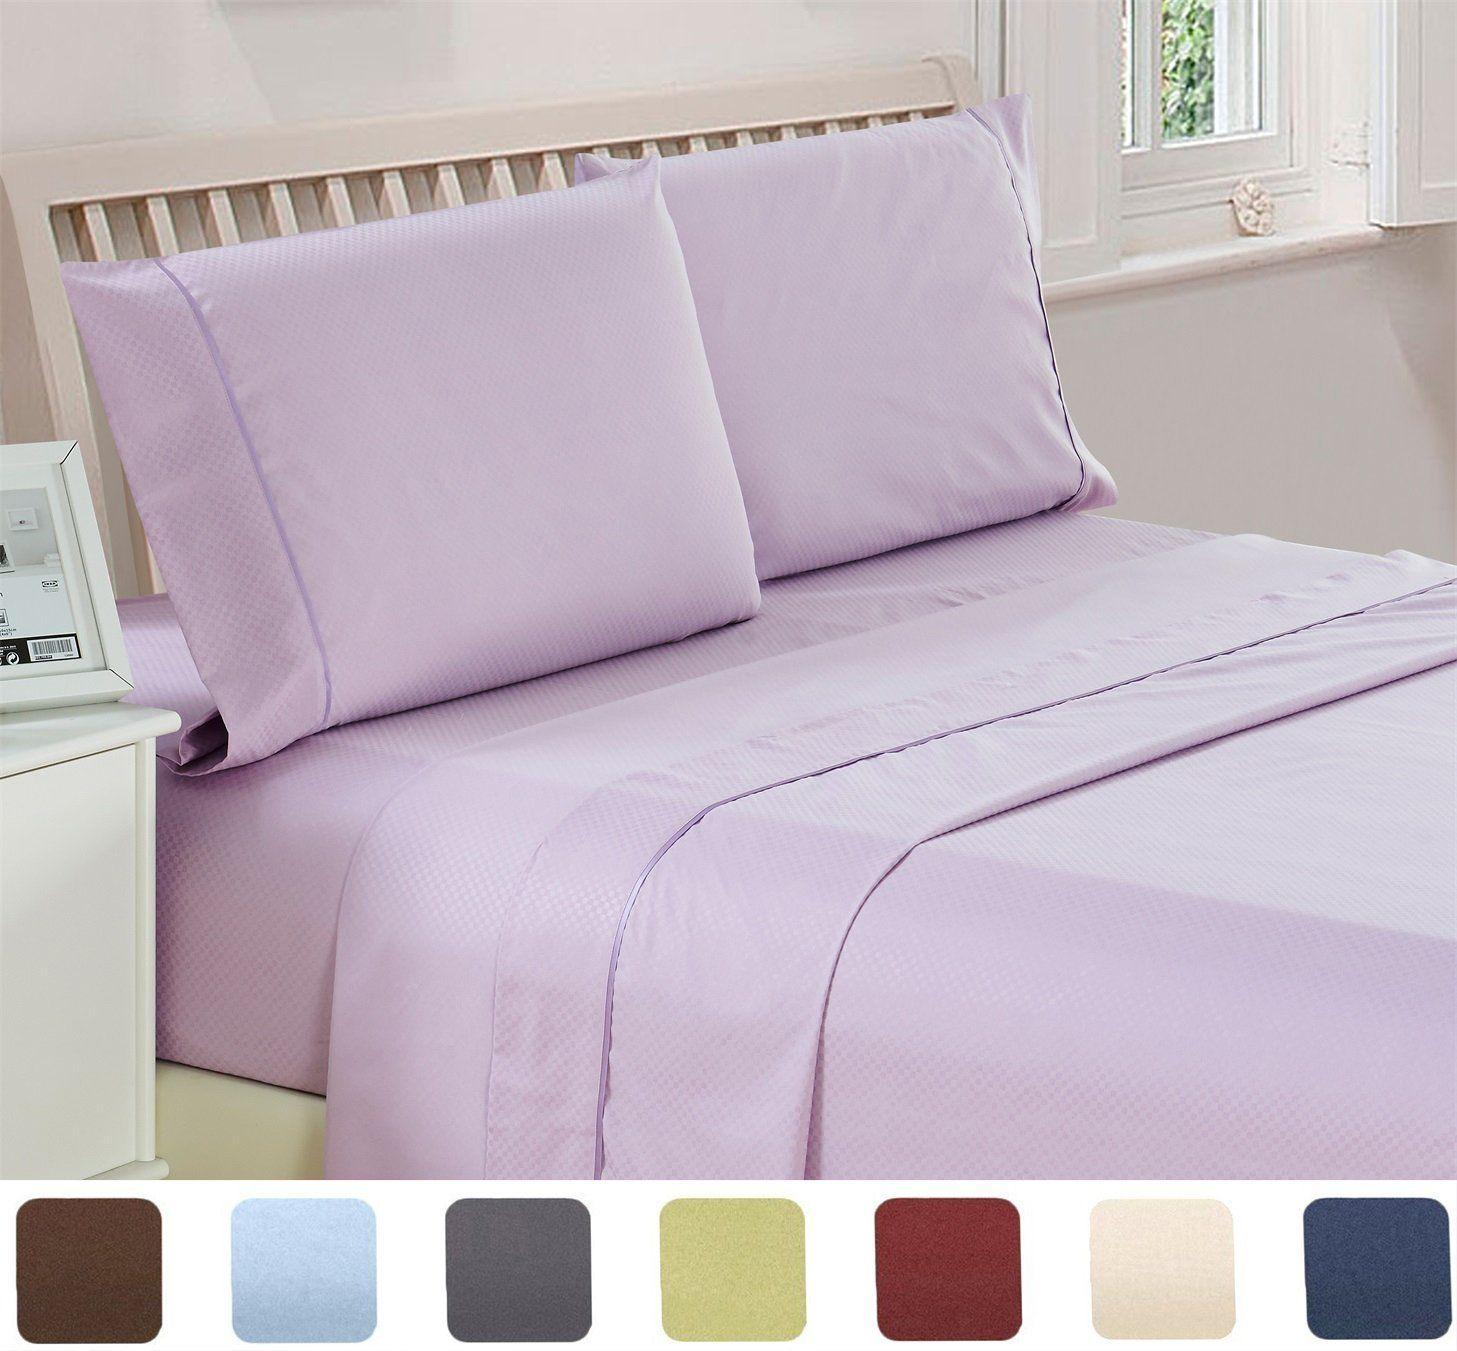 Lavender Bed Sheet Sets Sale